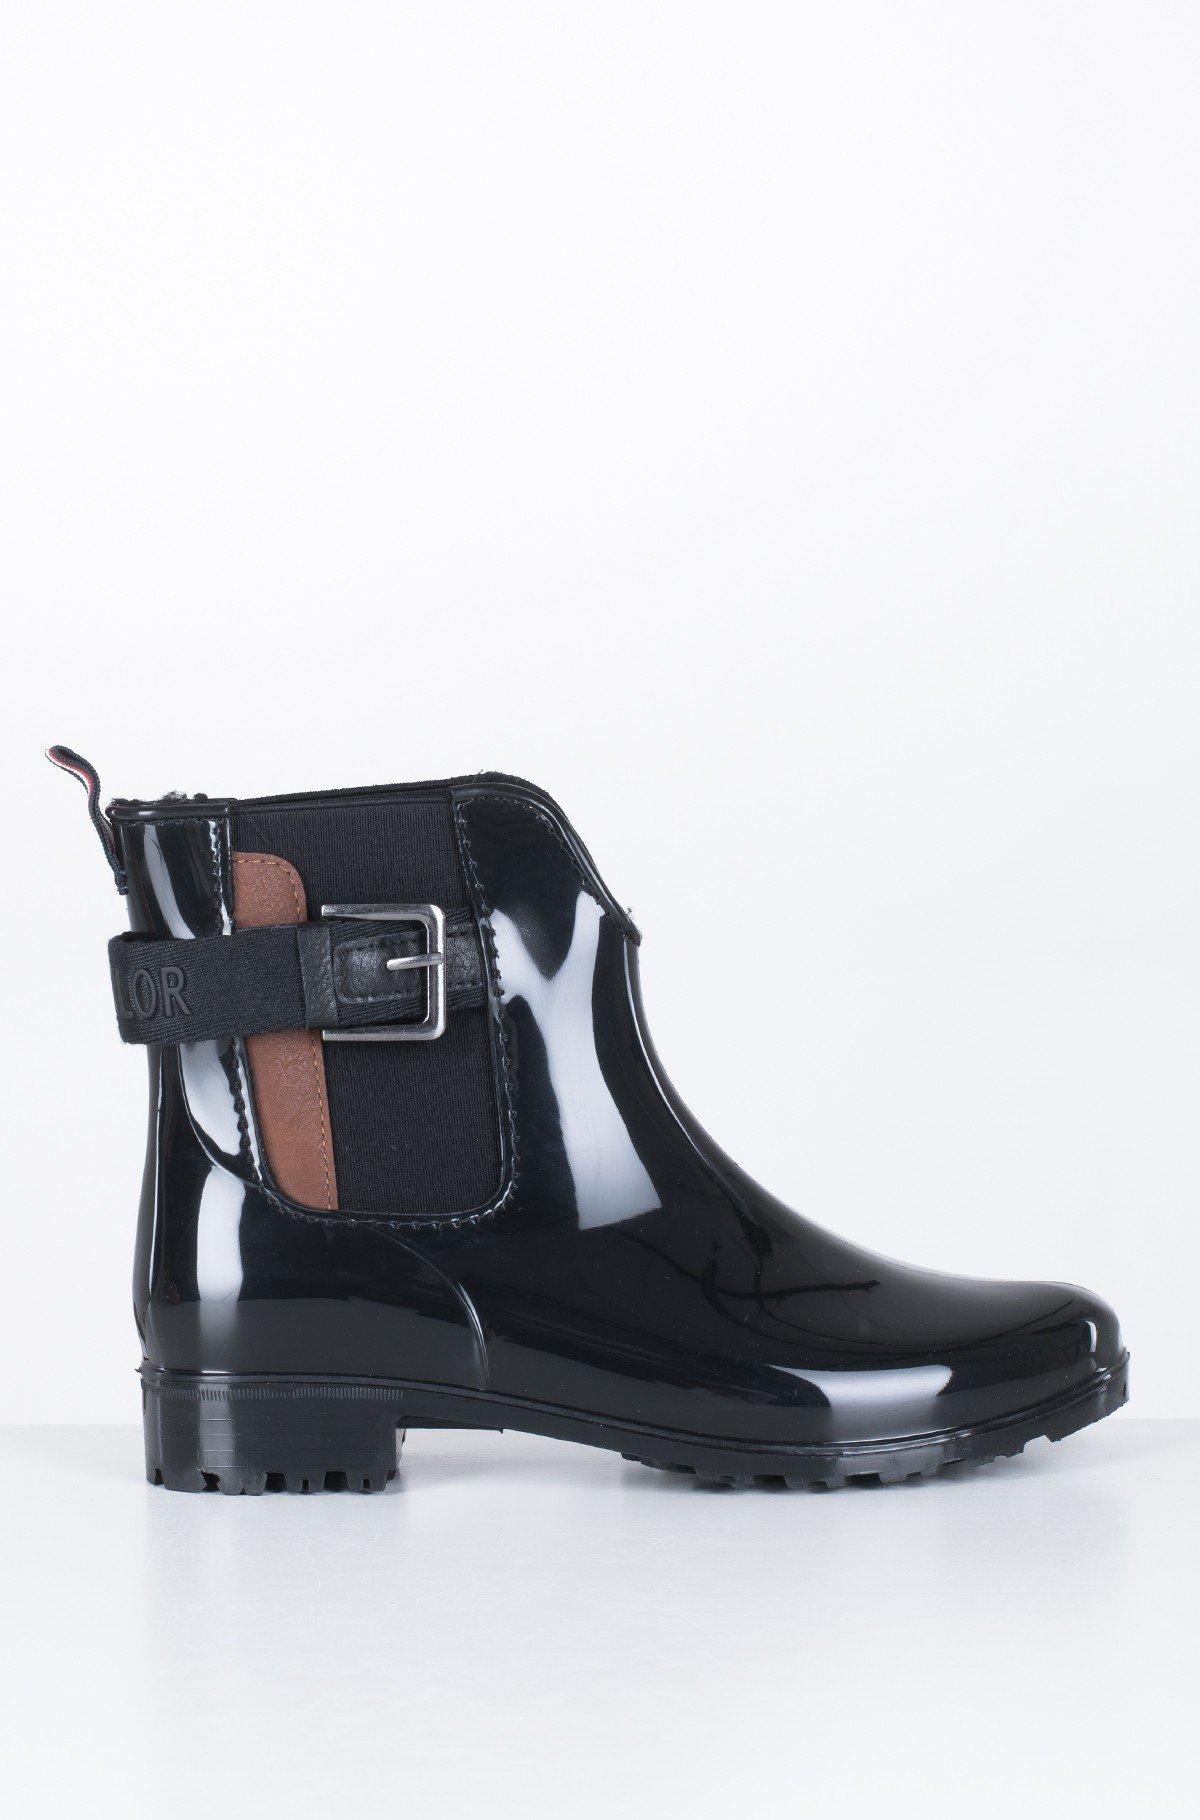 Guminiai batai 7992306-full-1